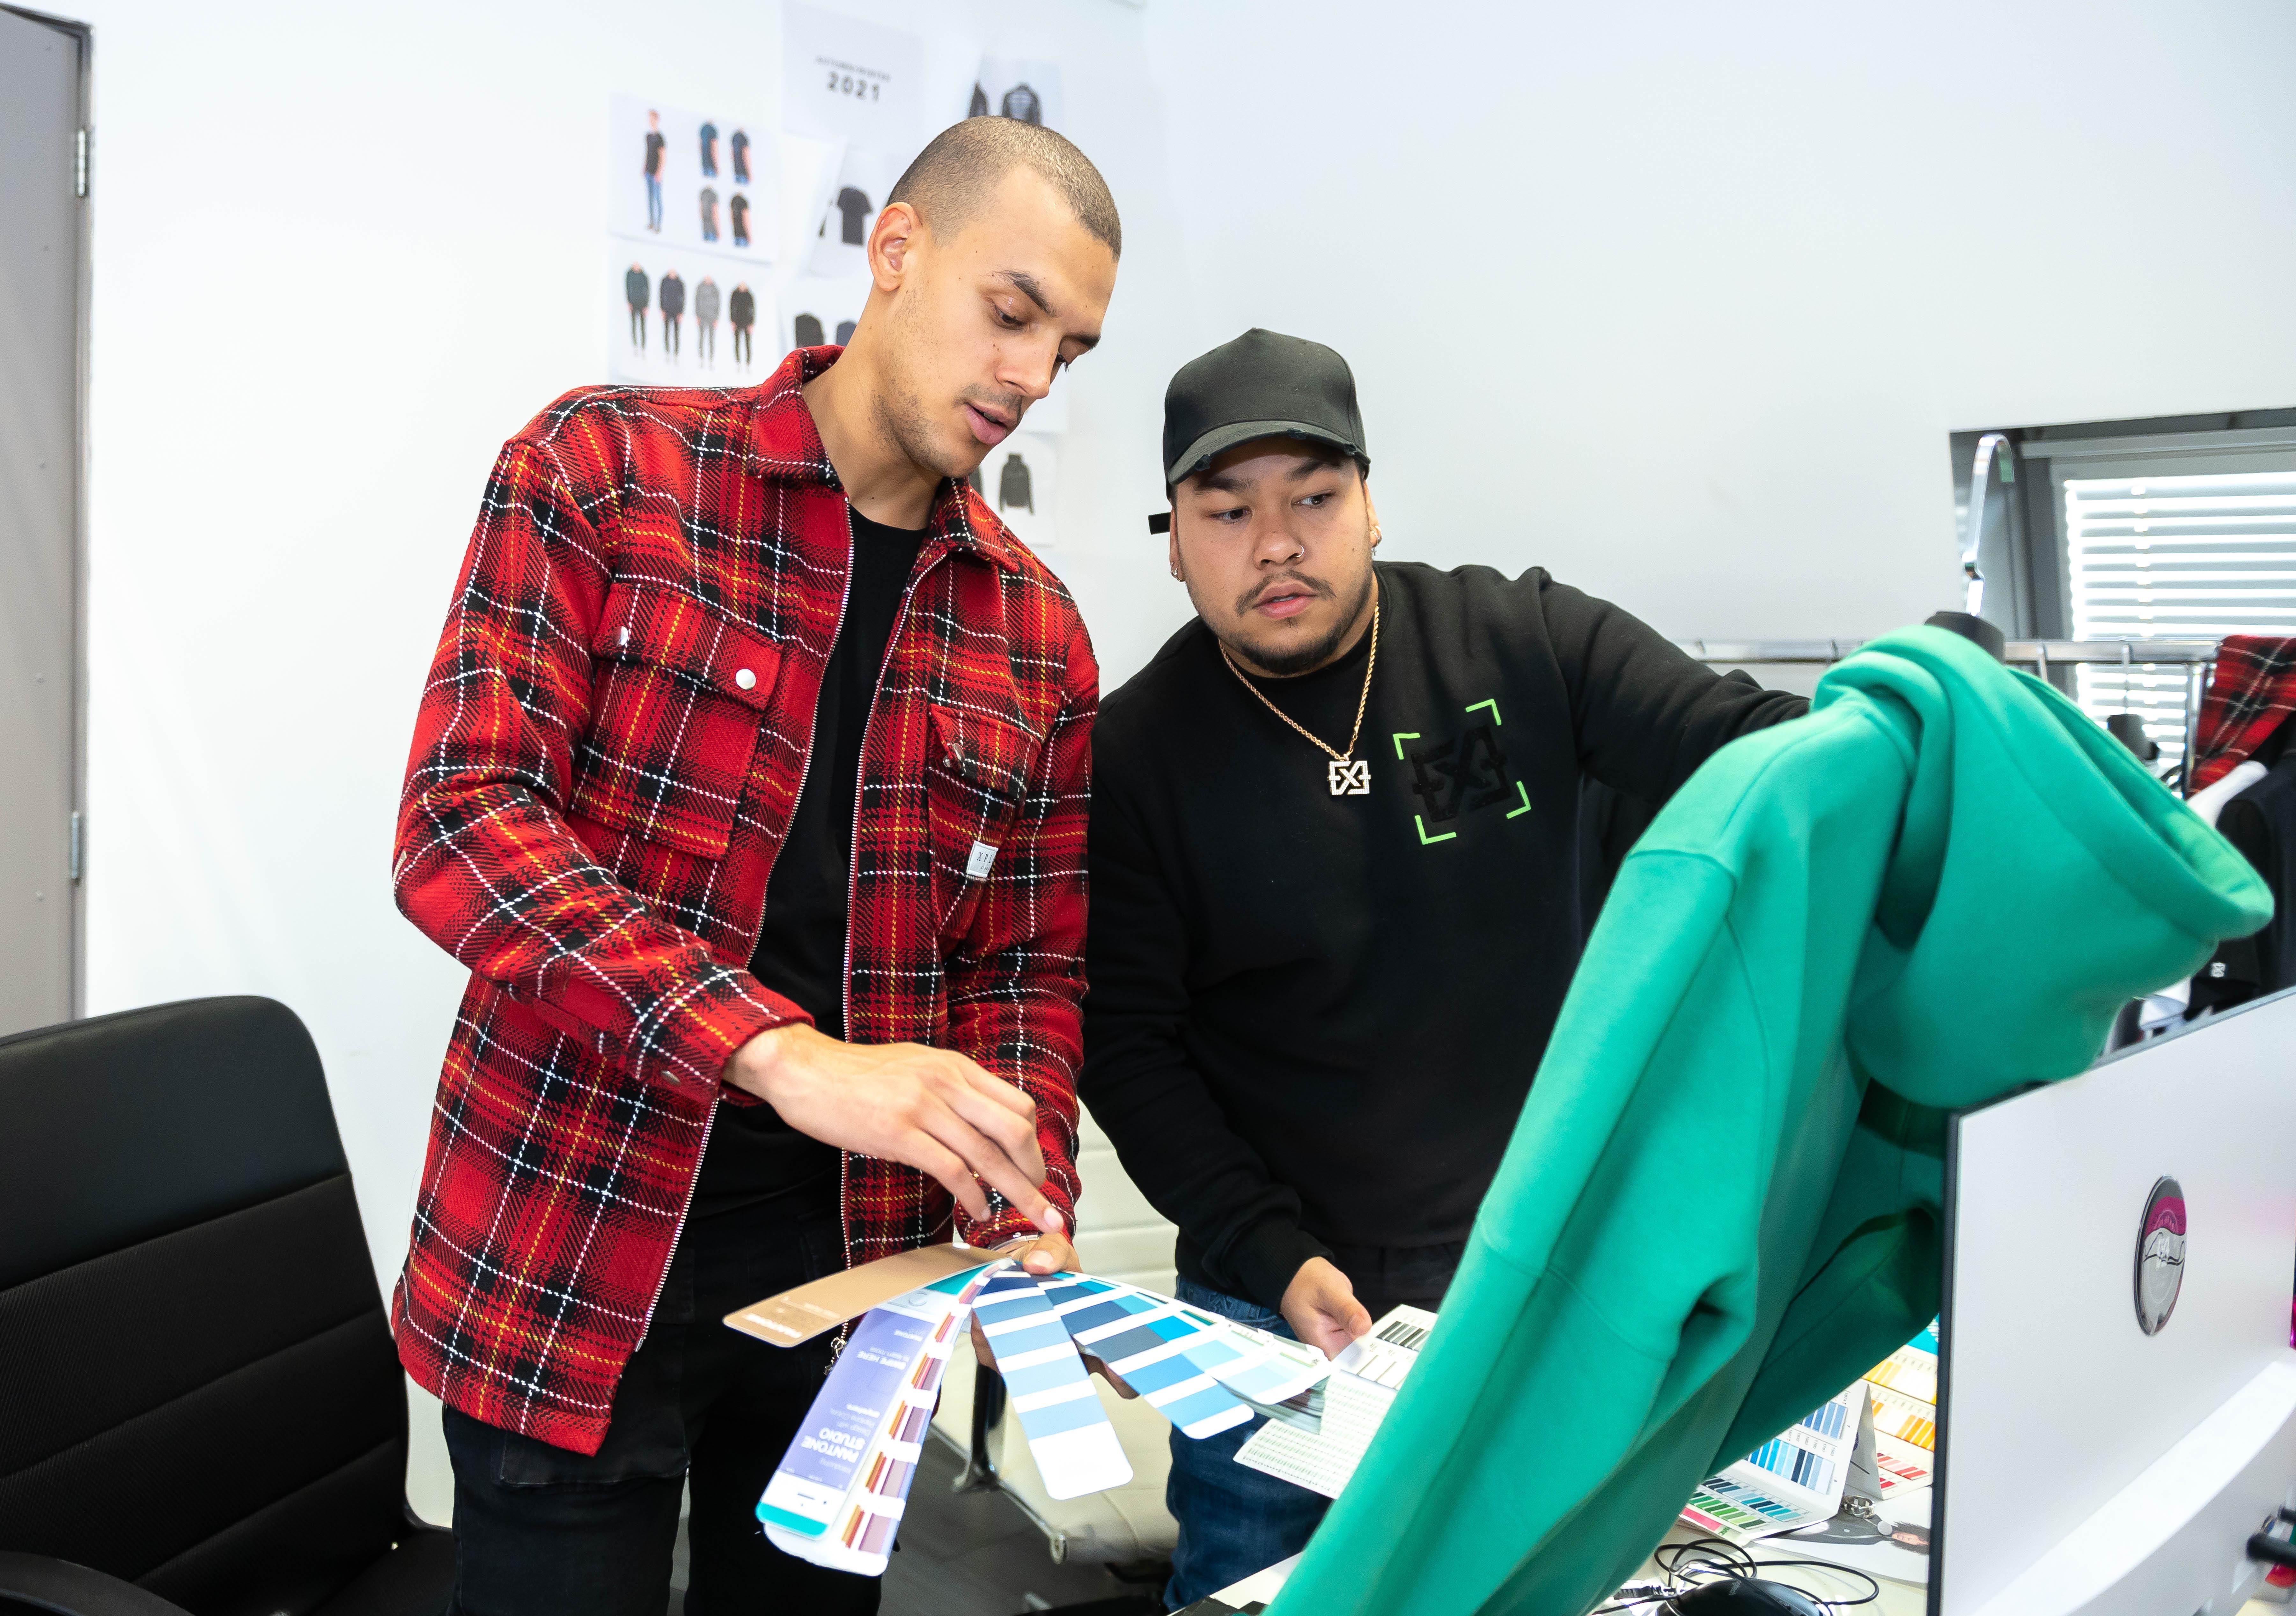 Shaquille en Garezi maken kleding voor rappers en voetballers met merk Xplct Studios